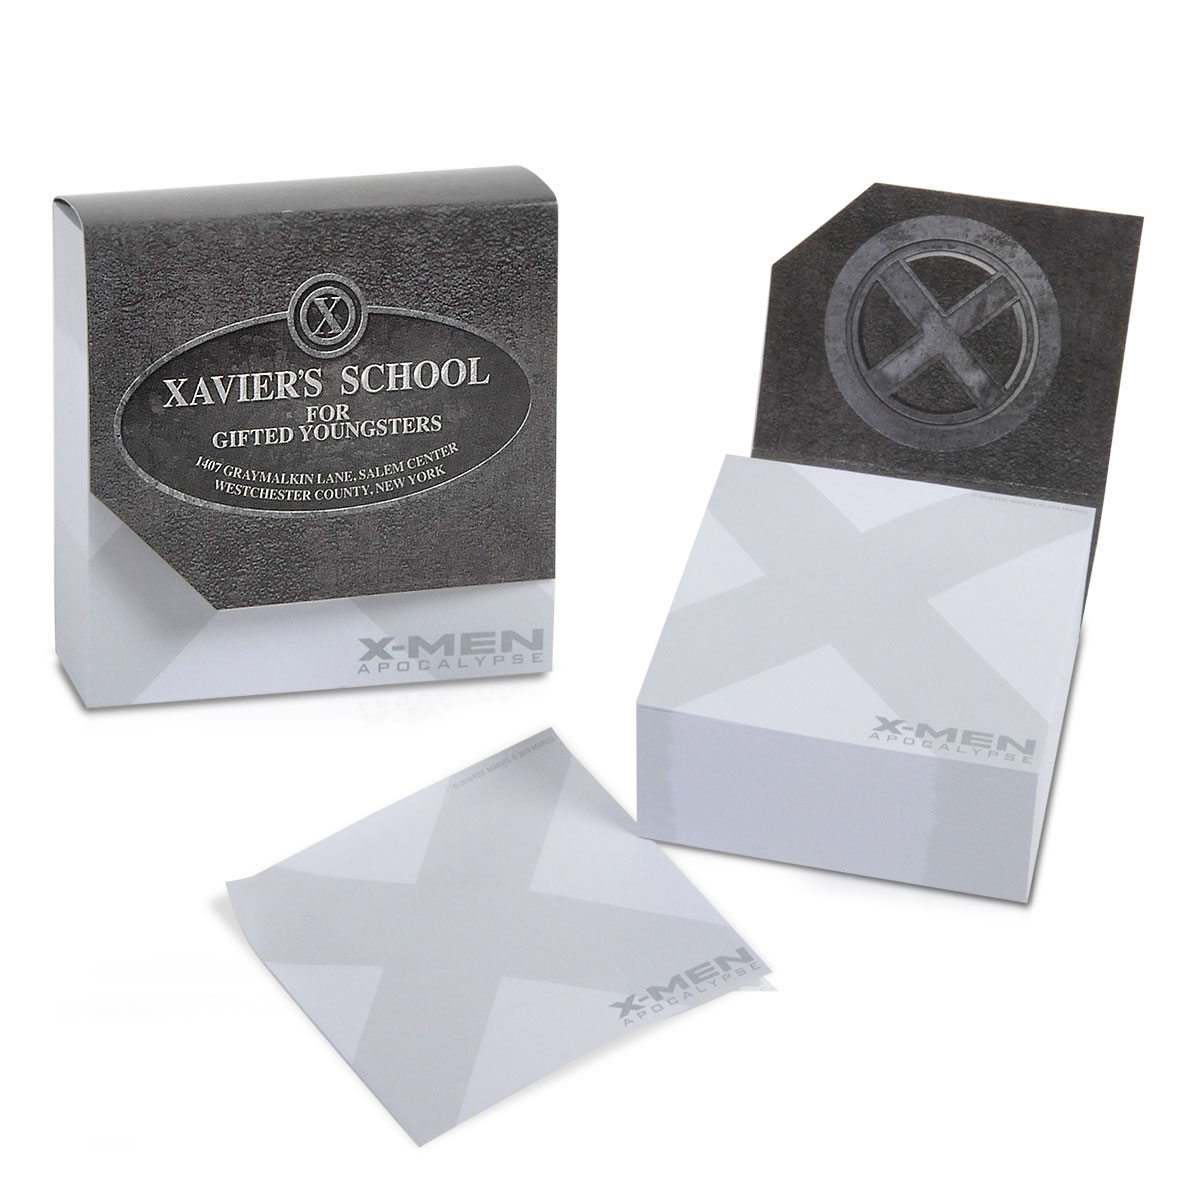 【プレゼント】シリーズ最新作『X-MEN:アポカリプス』オリジナルグッズプレゼント